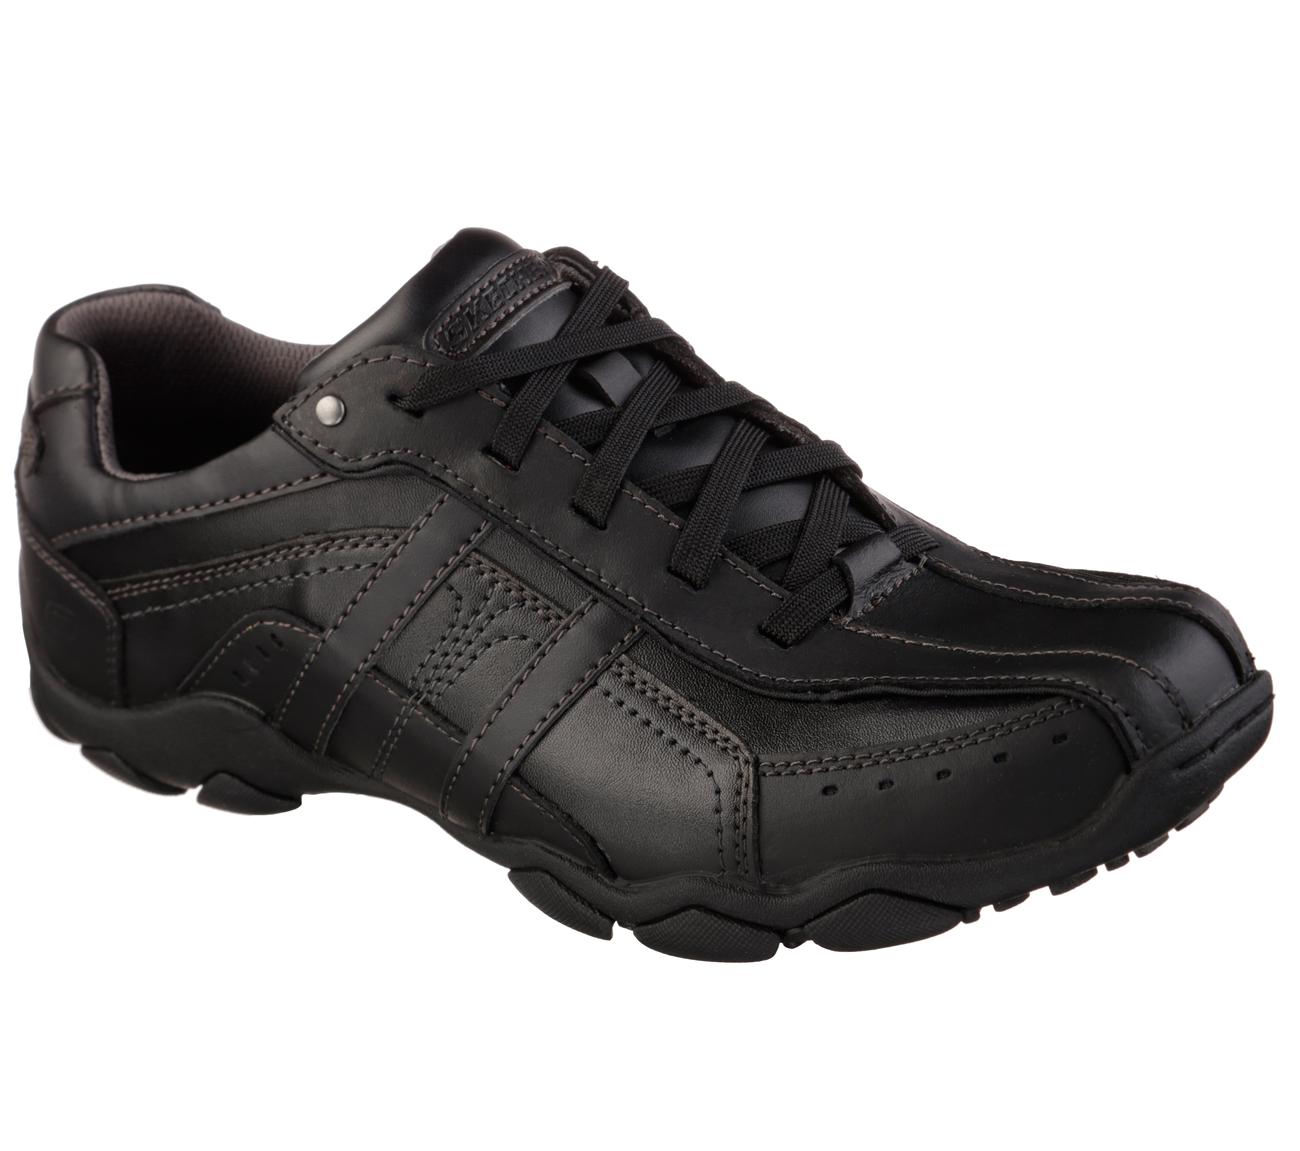 Black Sketcher Work Shoes